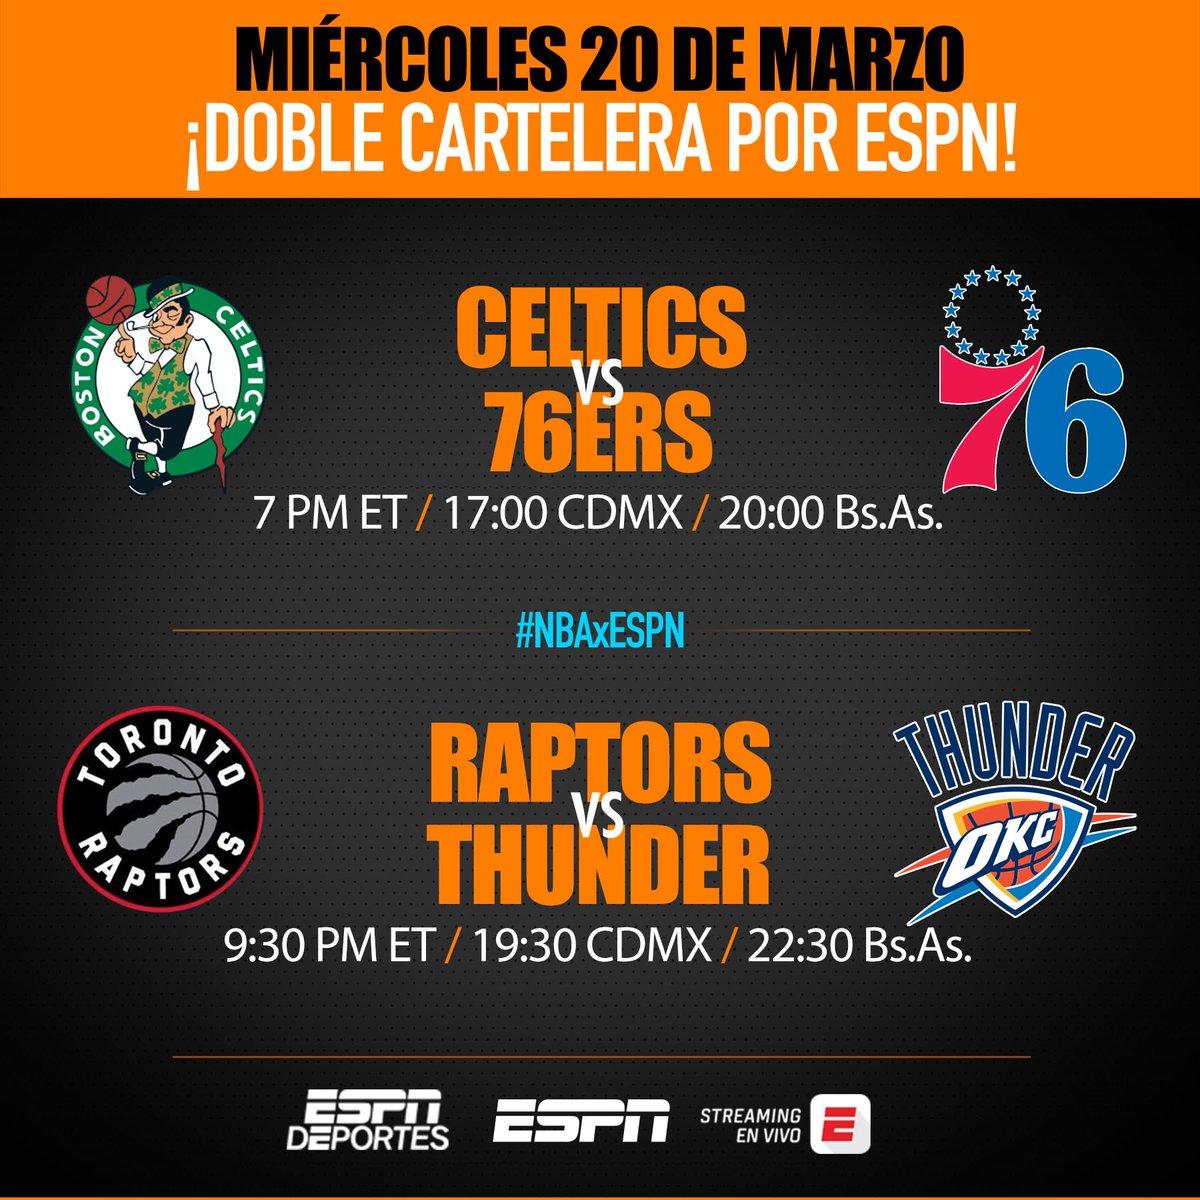 Esta noche, otros dos interesantísimos partidos, por todas las plataformas de ESPN. En el primero estaremos junto a @FerAlvarez. En el segundo relatan y comentan @AleRPerez y @mnogueira14. Consultar http://guia.espn.com para más información.